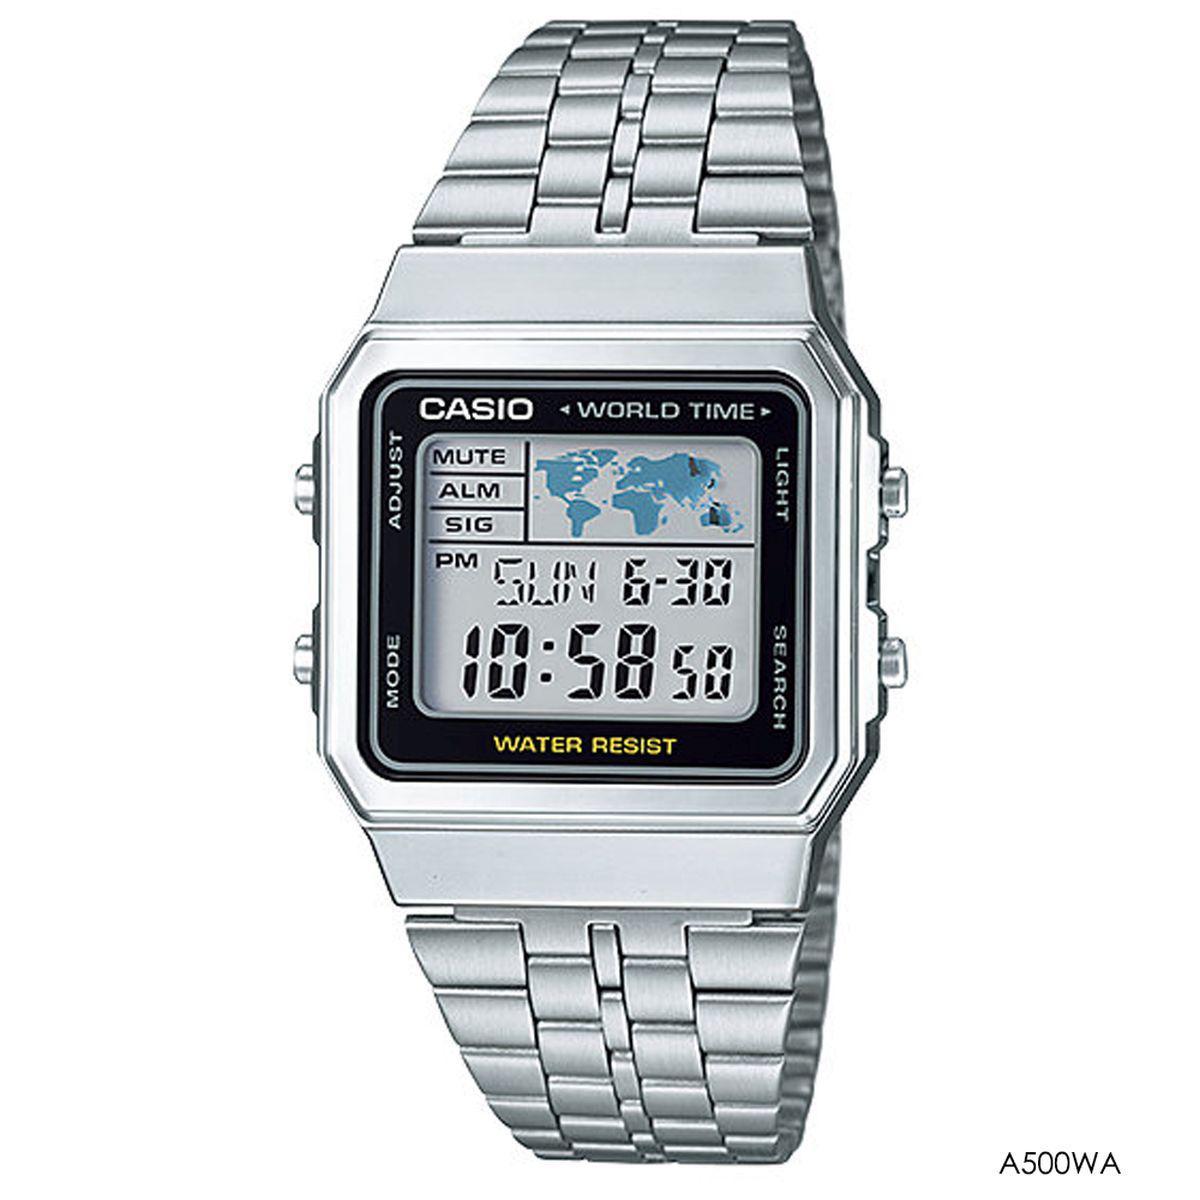 b0758d9b795 Relógio casio feminino vintage prata a500wa - Relógio Feminino ...